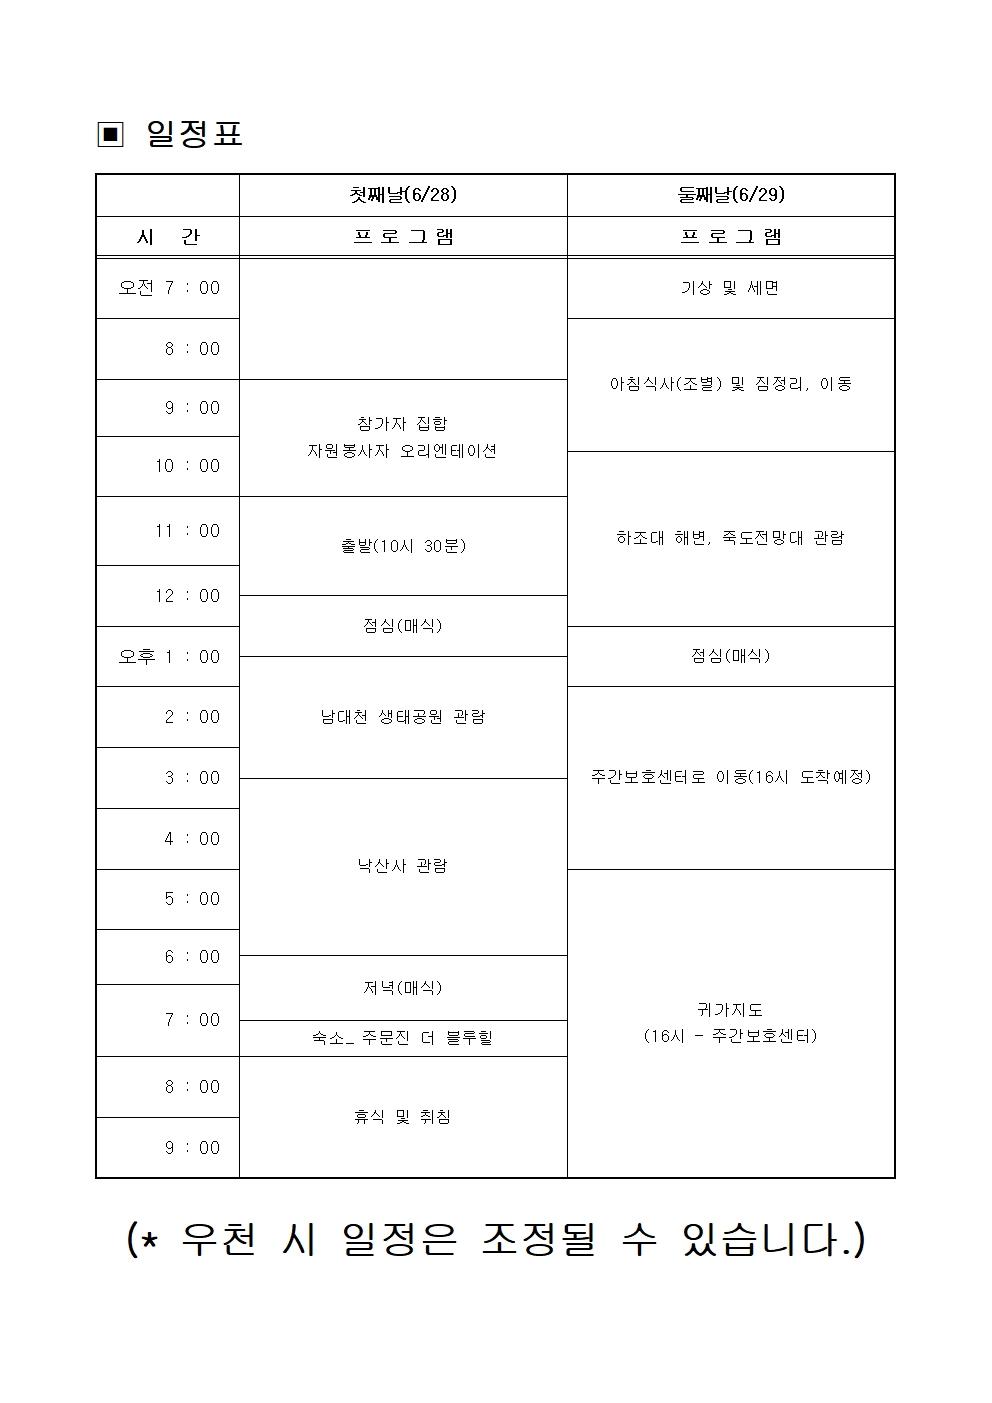 201906-건강증진사업-여행동아리-가정통신문002.jpg